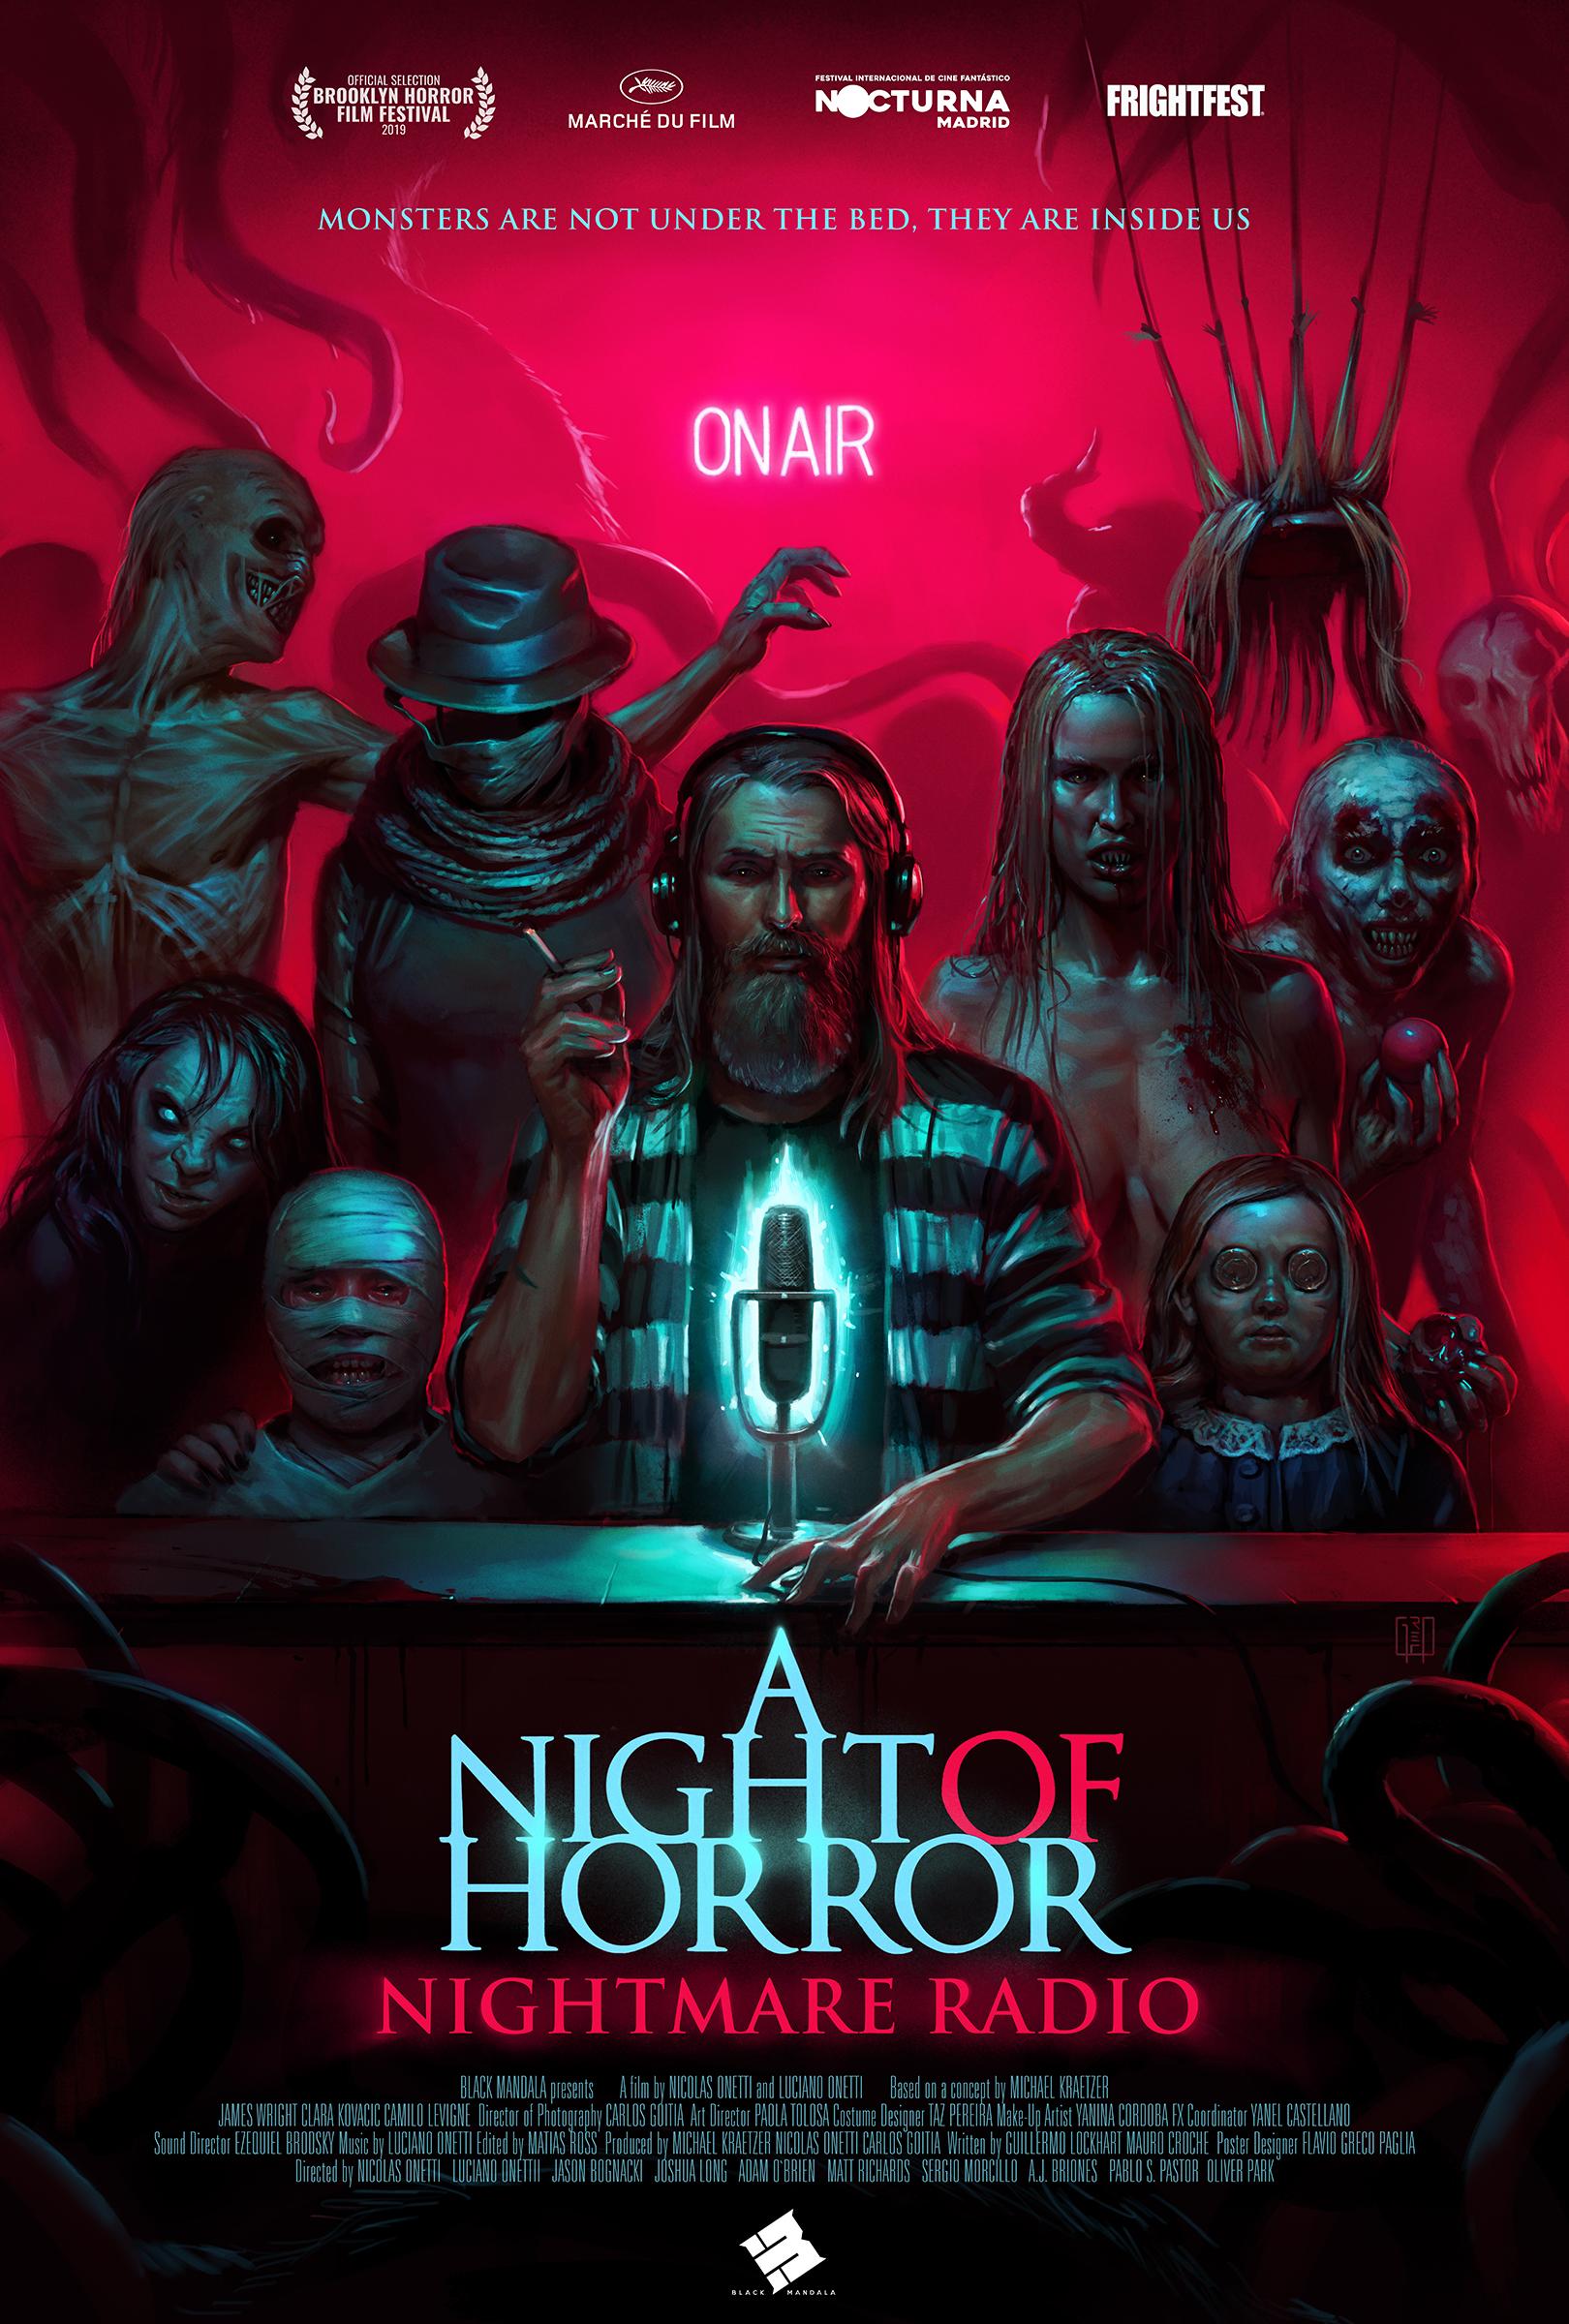 Nightmare Radio